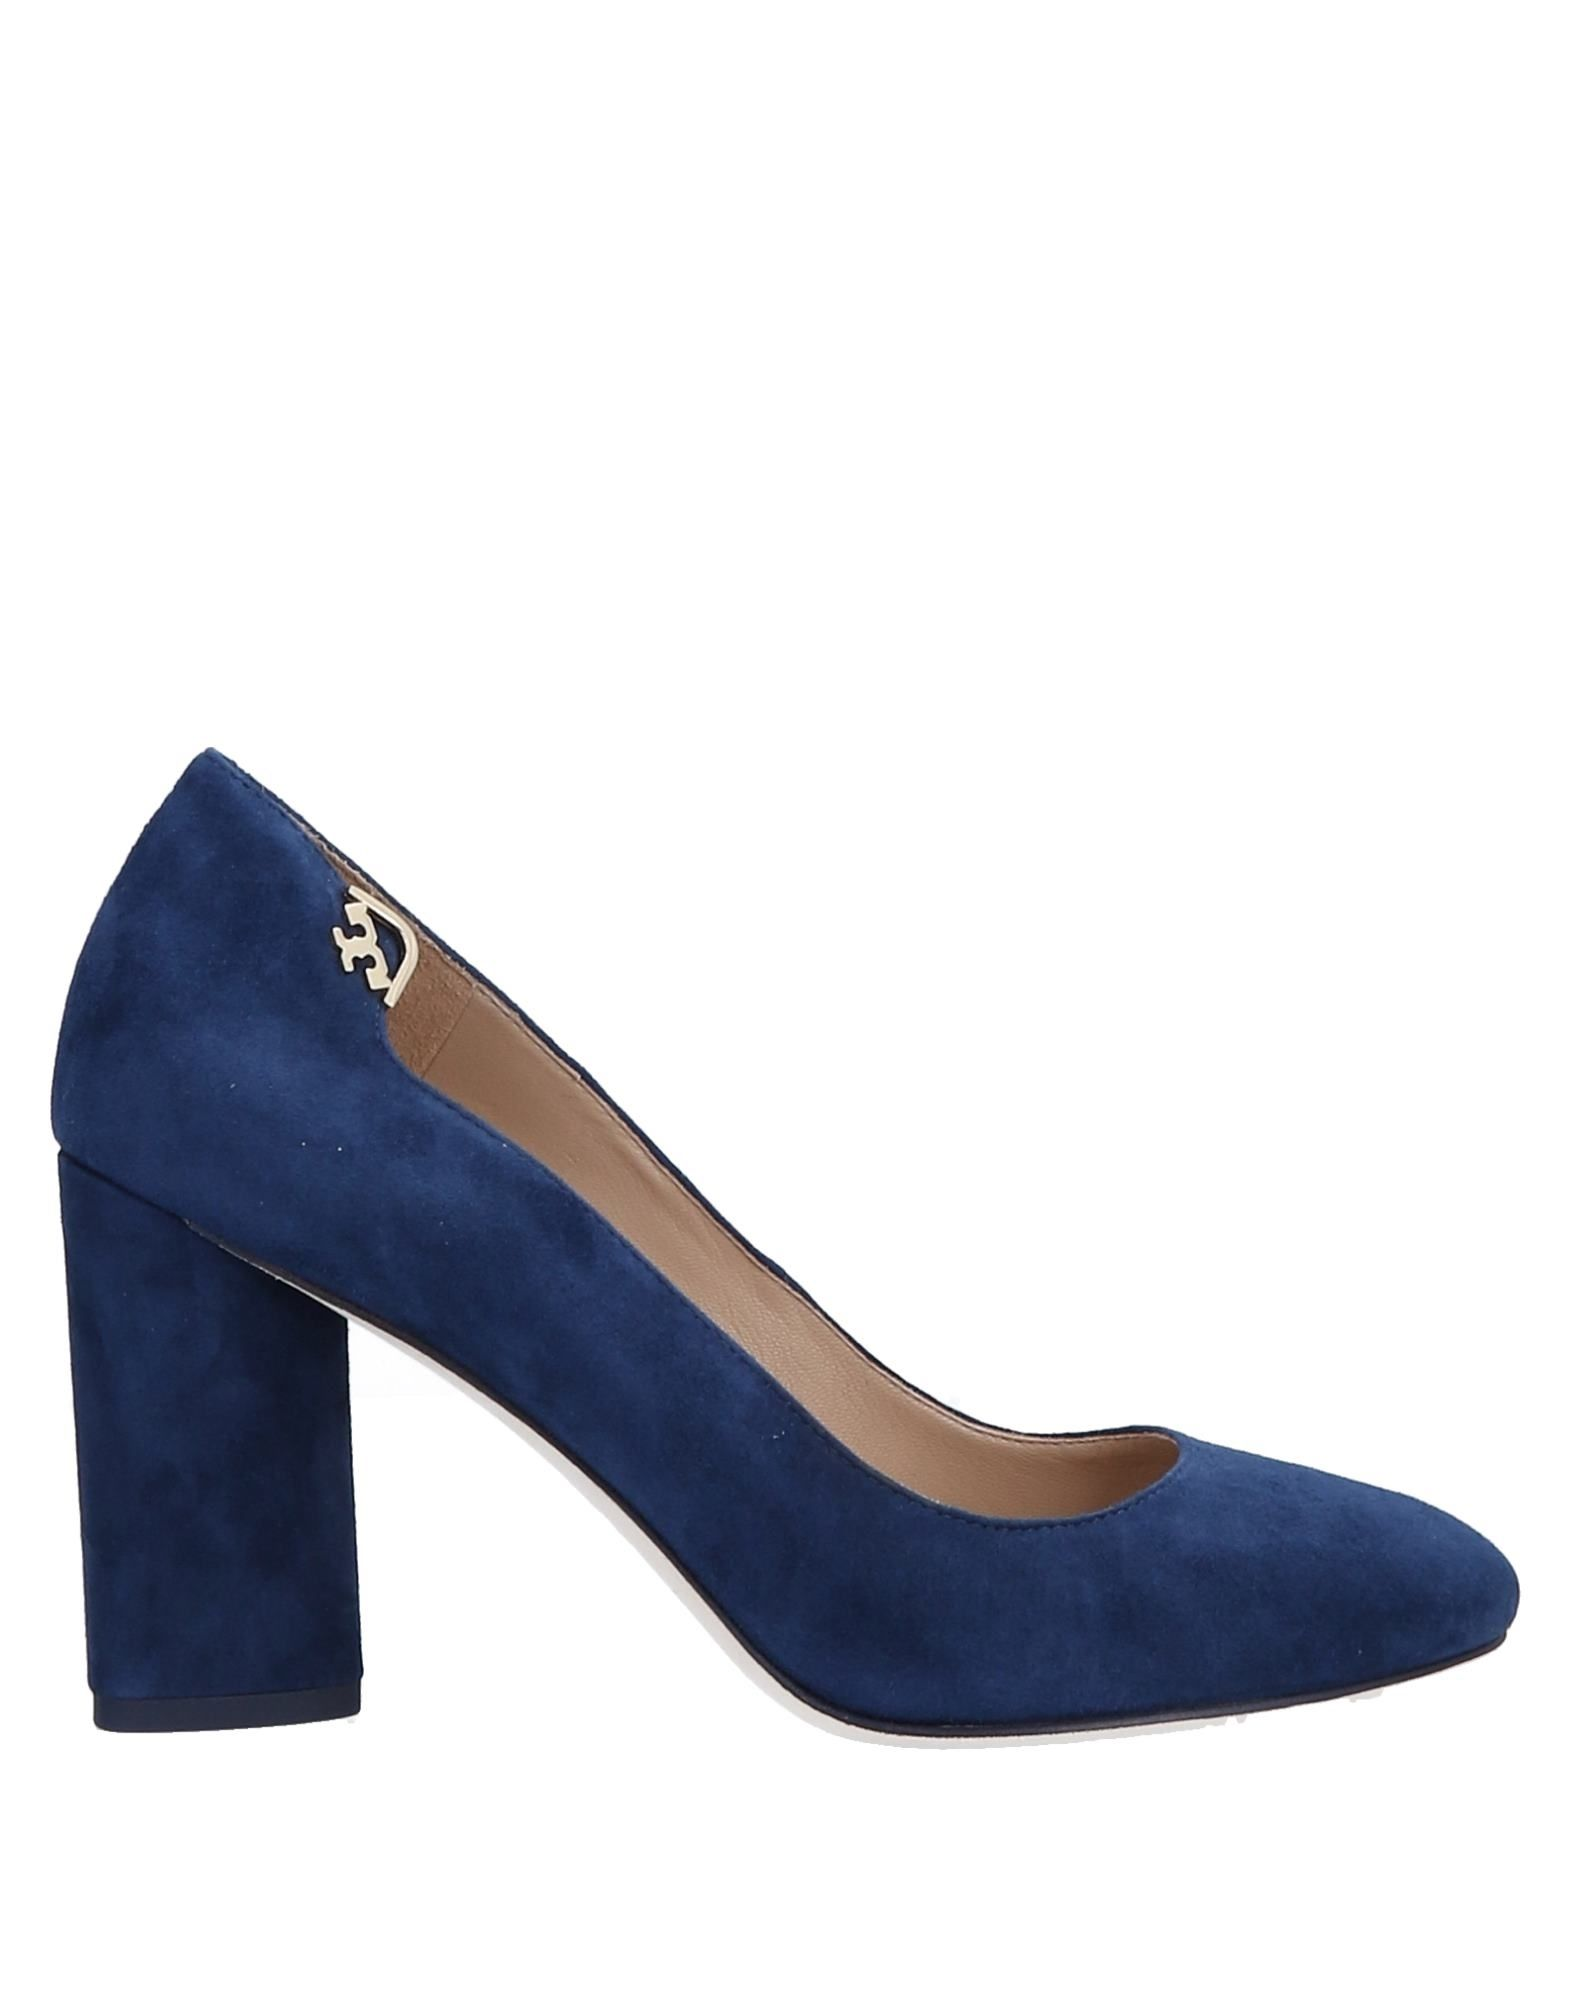 Tory Burch aussehende Pumps Damen 11576274IMGut aussehende Burch strapazierfähige Schuhe f12460